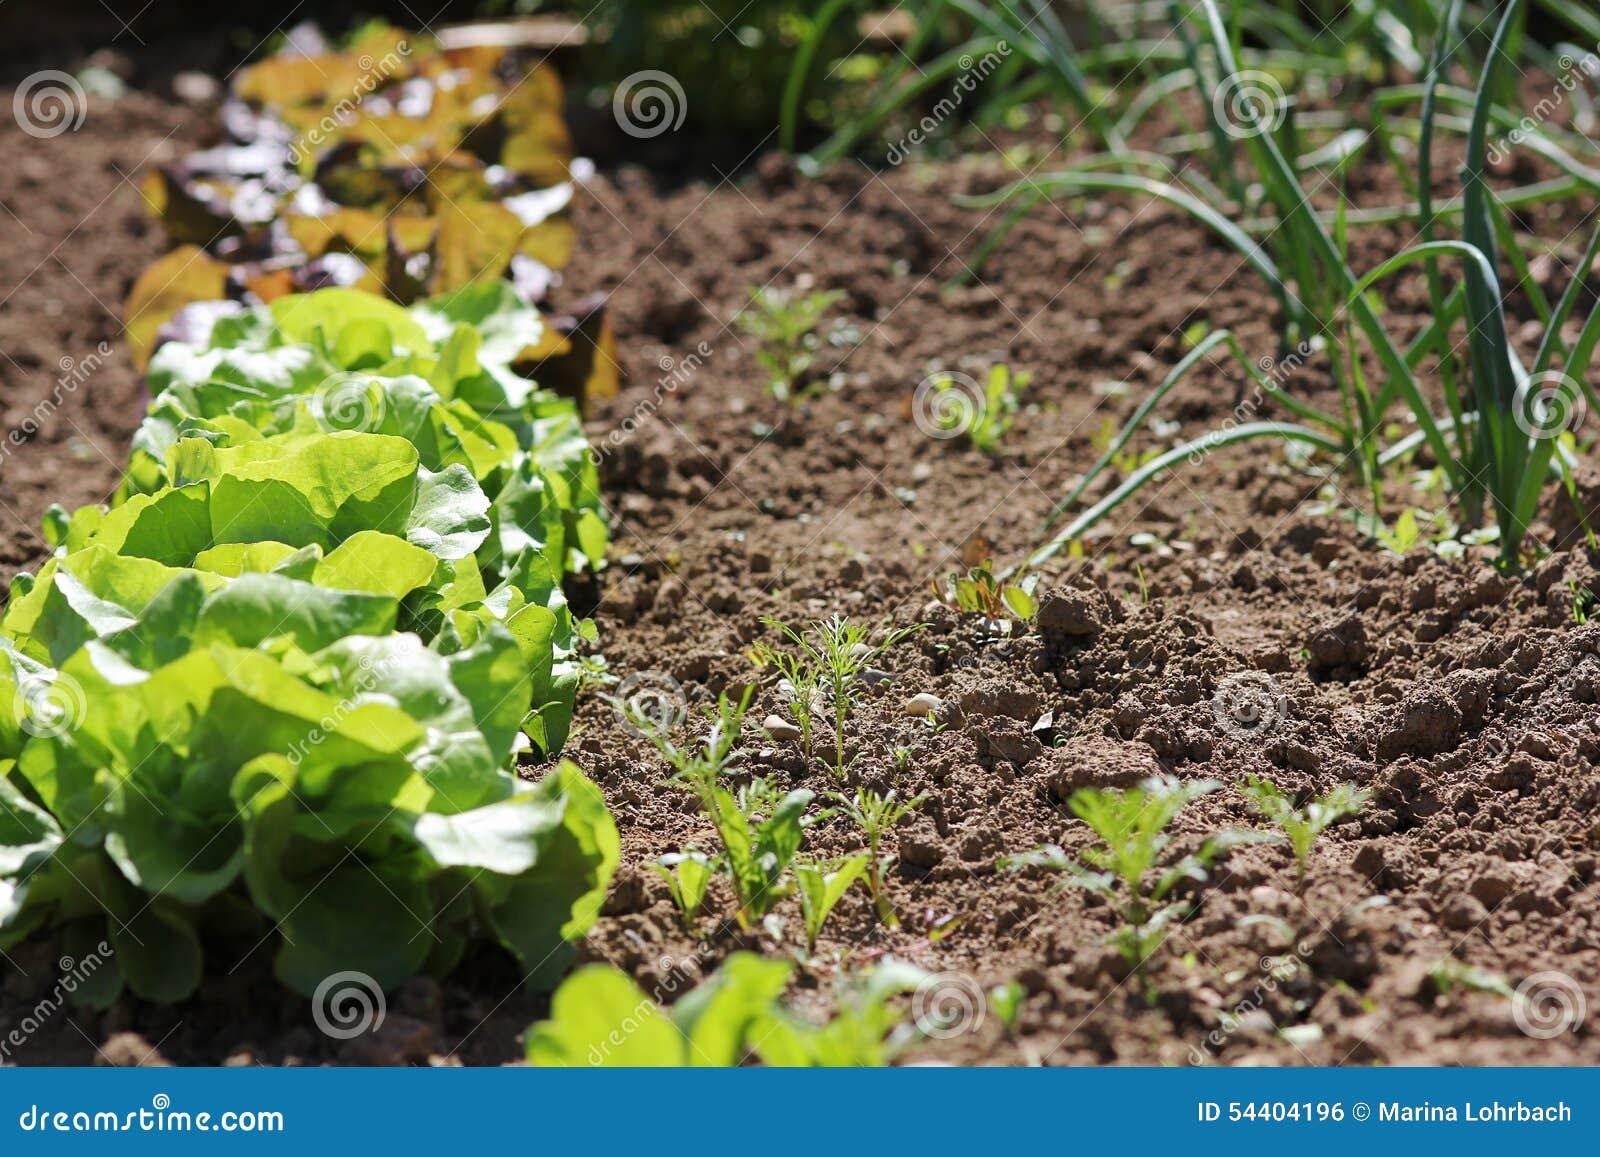 Plantas Da Alface No Jardim Foto de Stock  Imagem 54404196